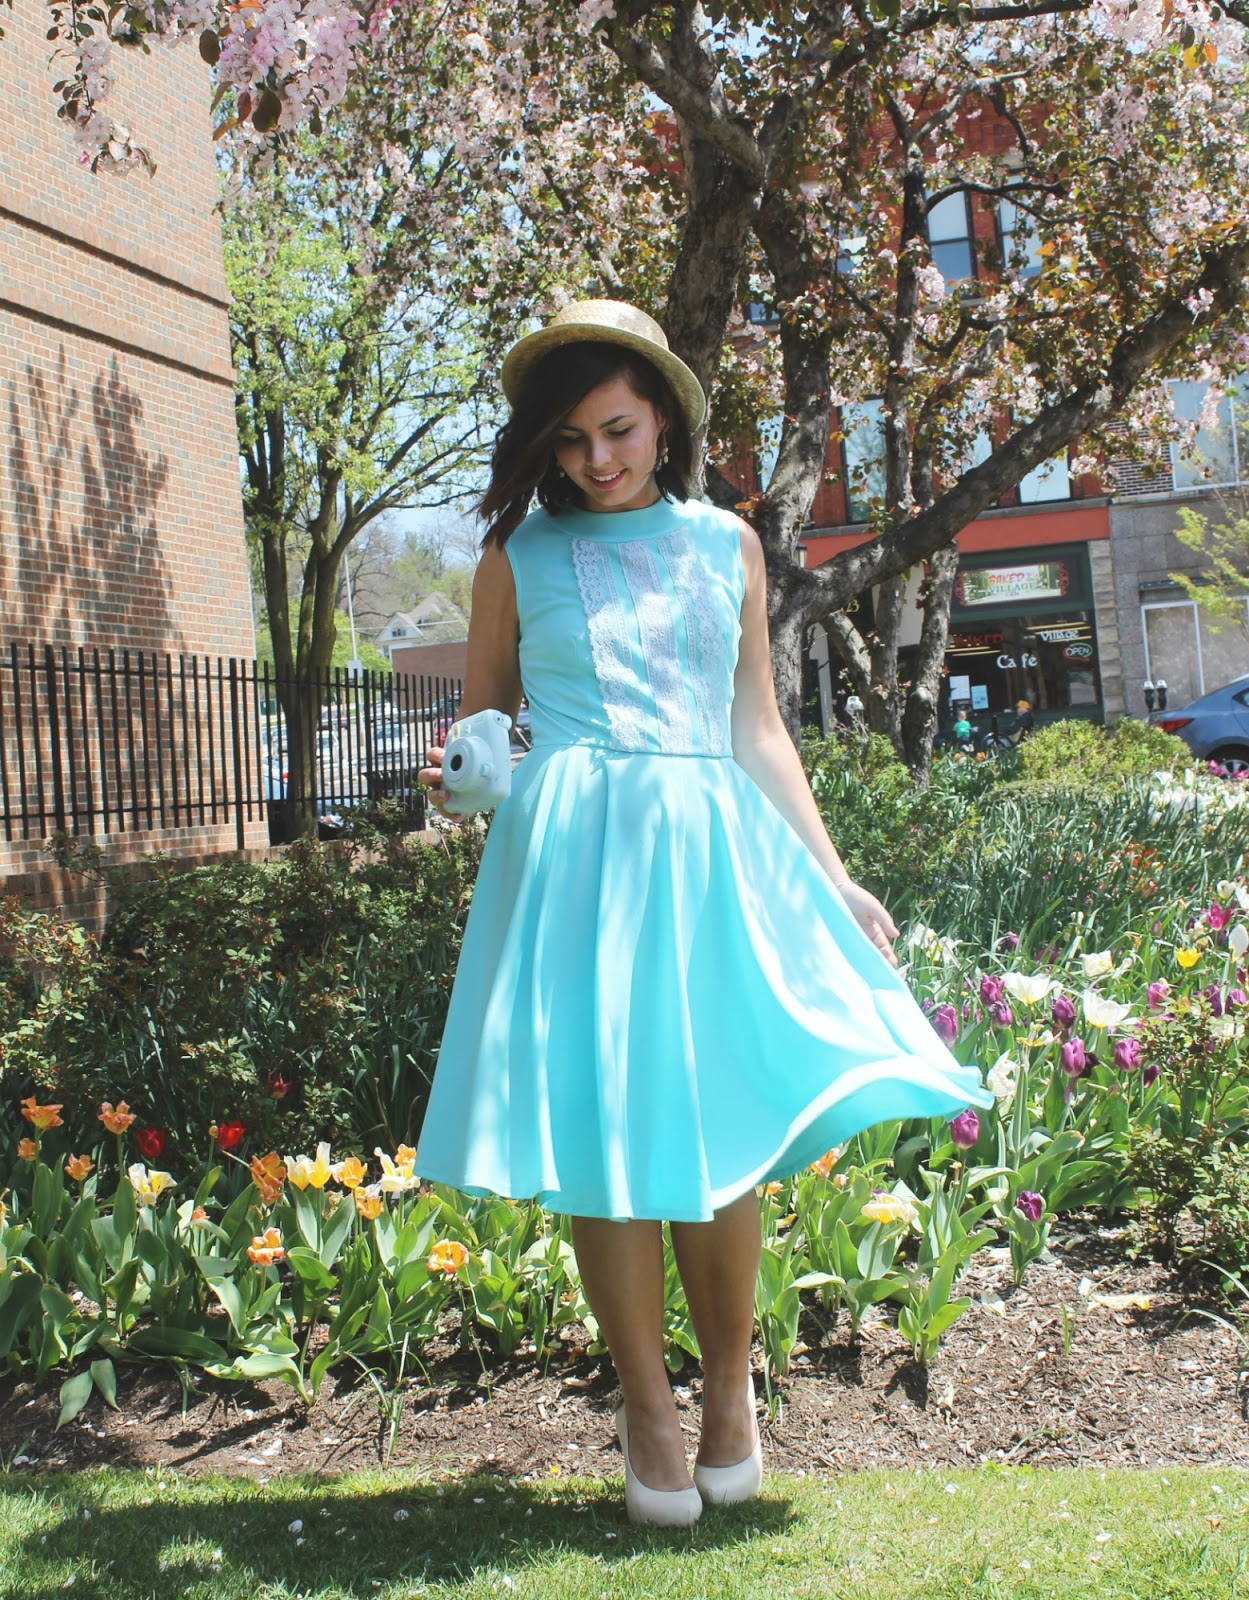 Tiffany Blue Gel Nails With Glitter: Tiffany Blue Vintage Dress.